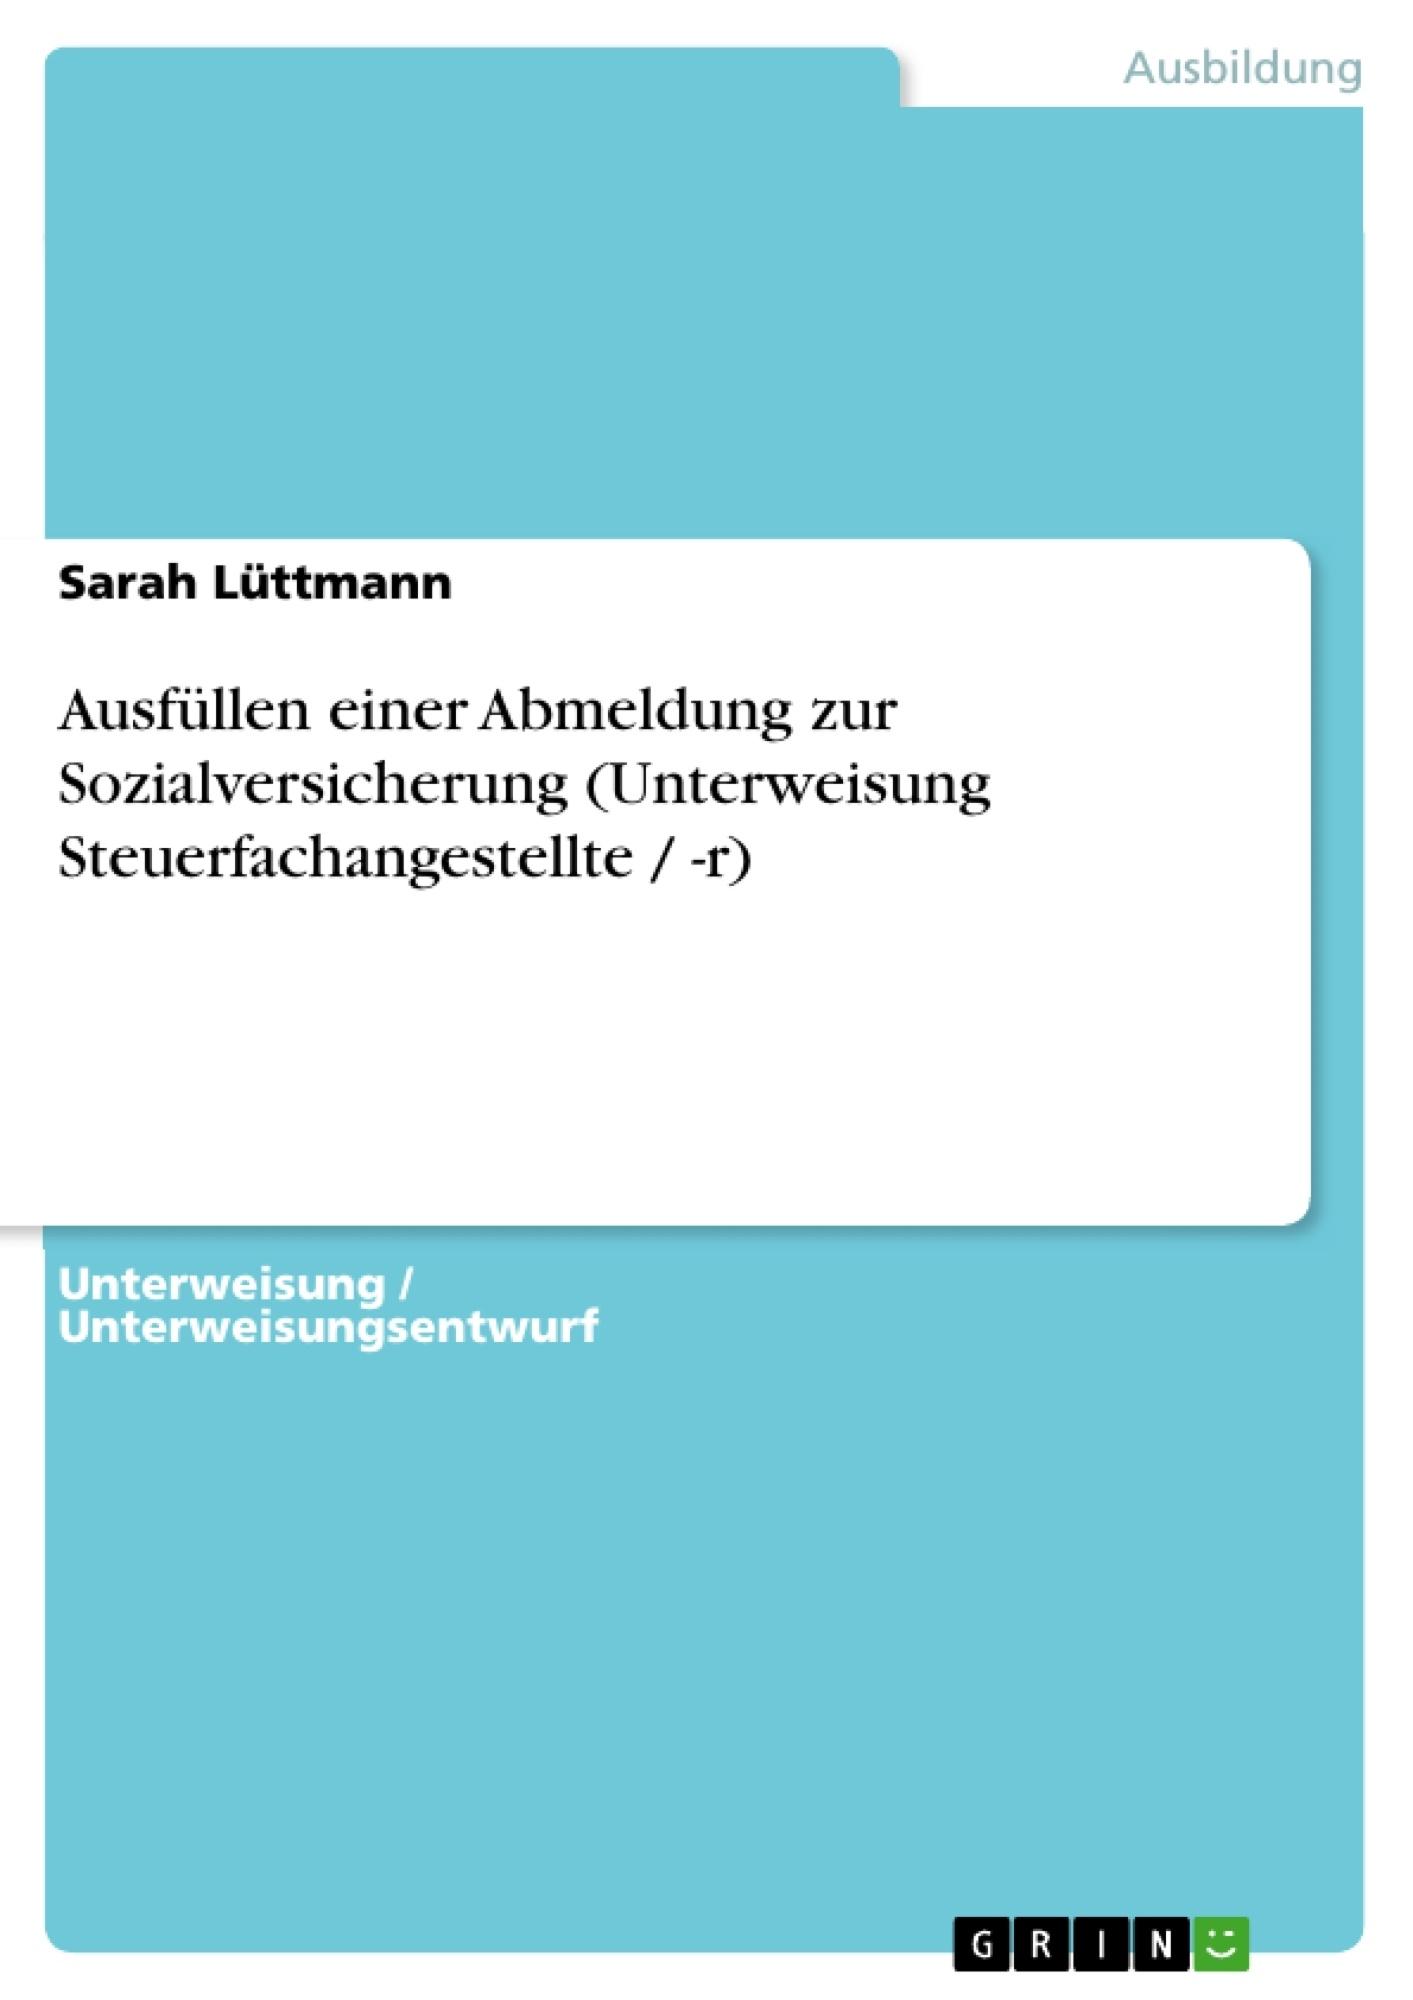 Titel: Ausfüllen einer Abmeldung zur Sozialversicherung (Unterweisung Steuerfachangestellte / -r)